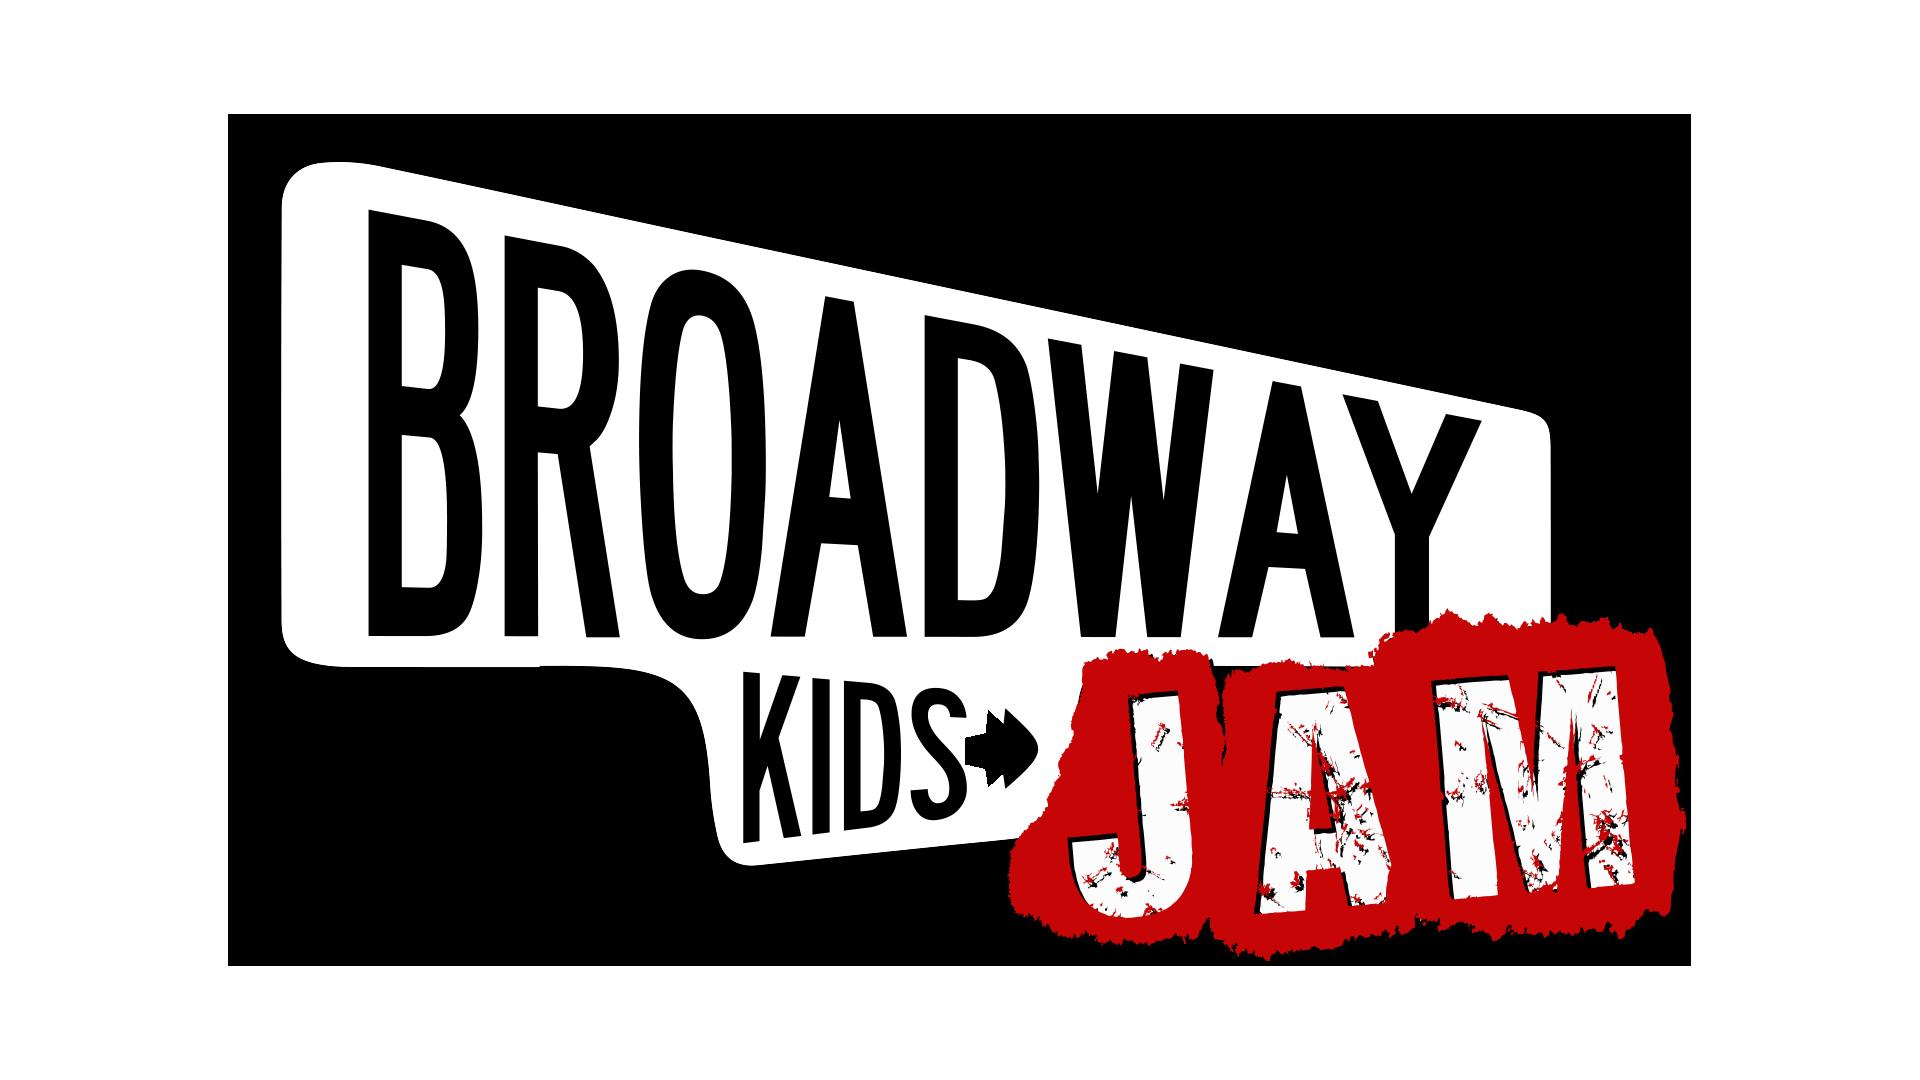 89b8cba74312 Broadway Kids Jam Band - Official Website